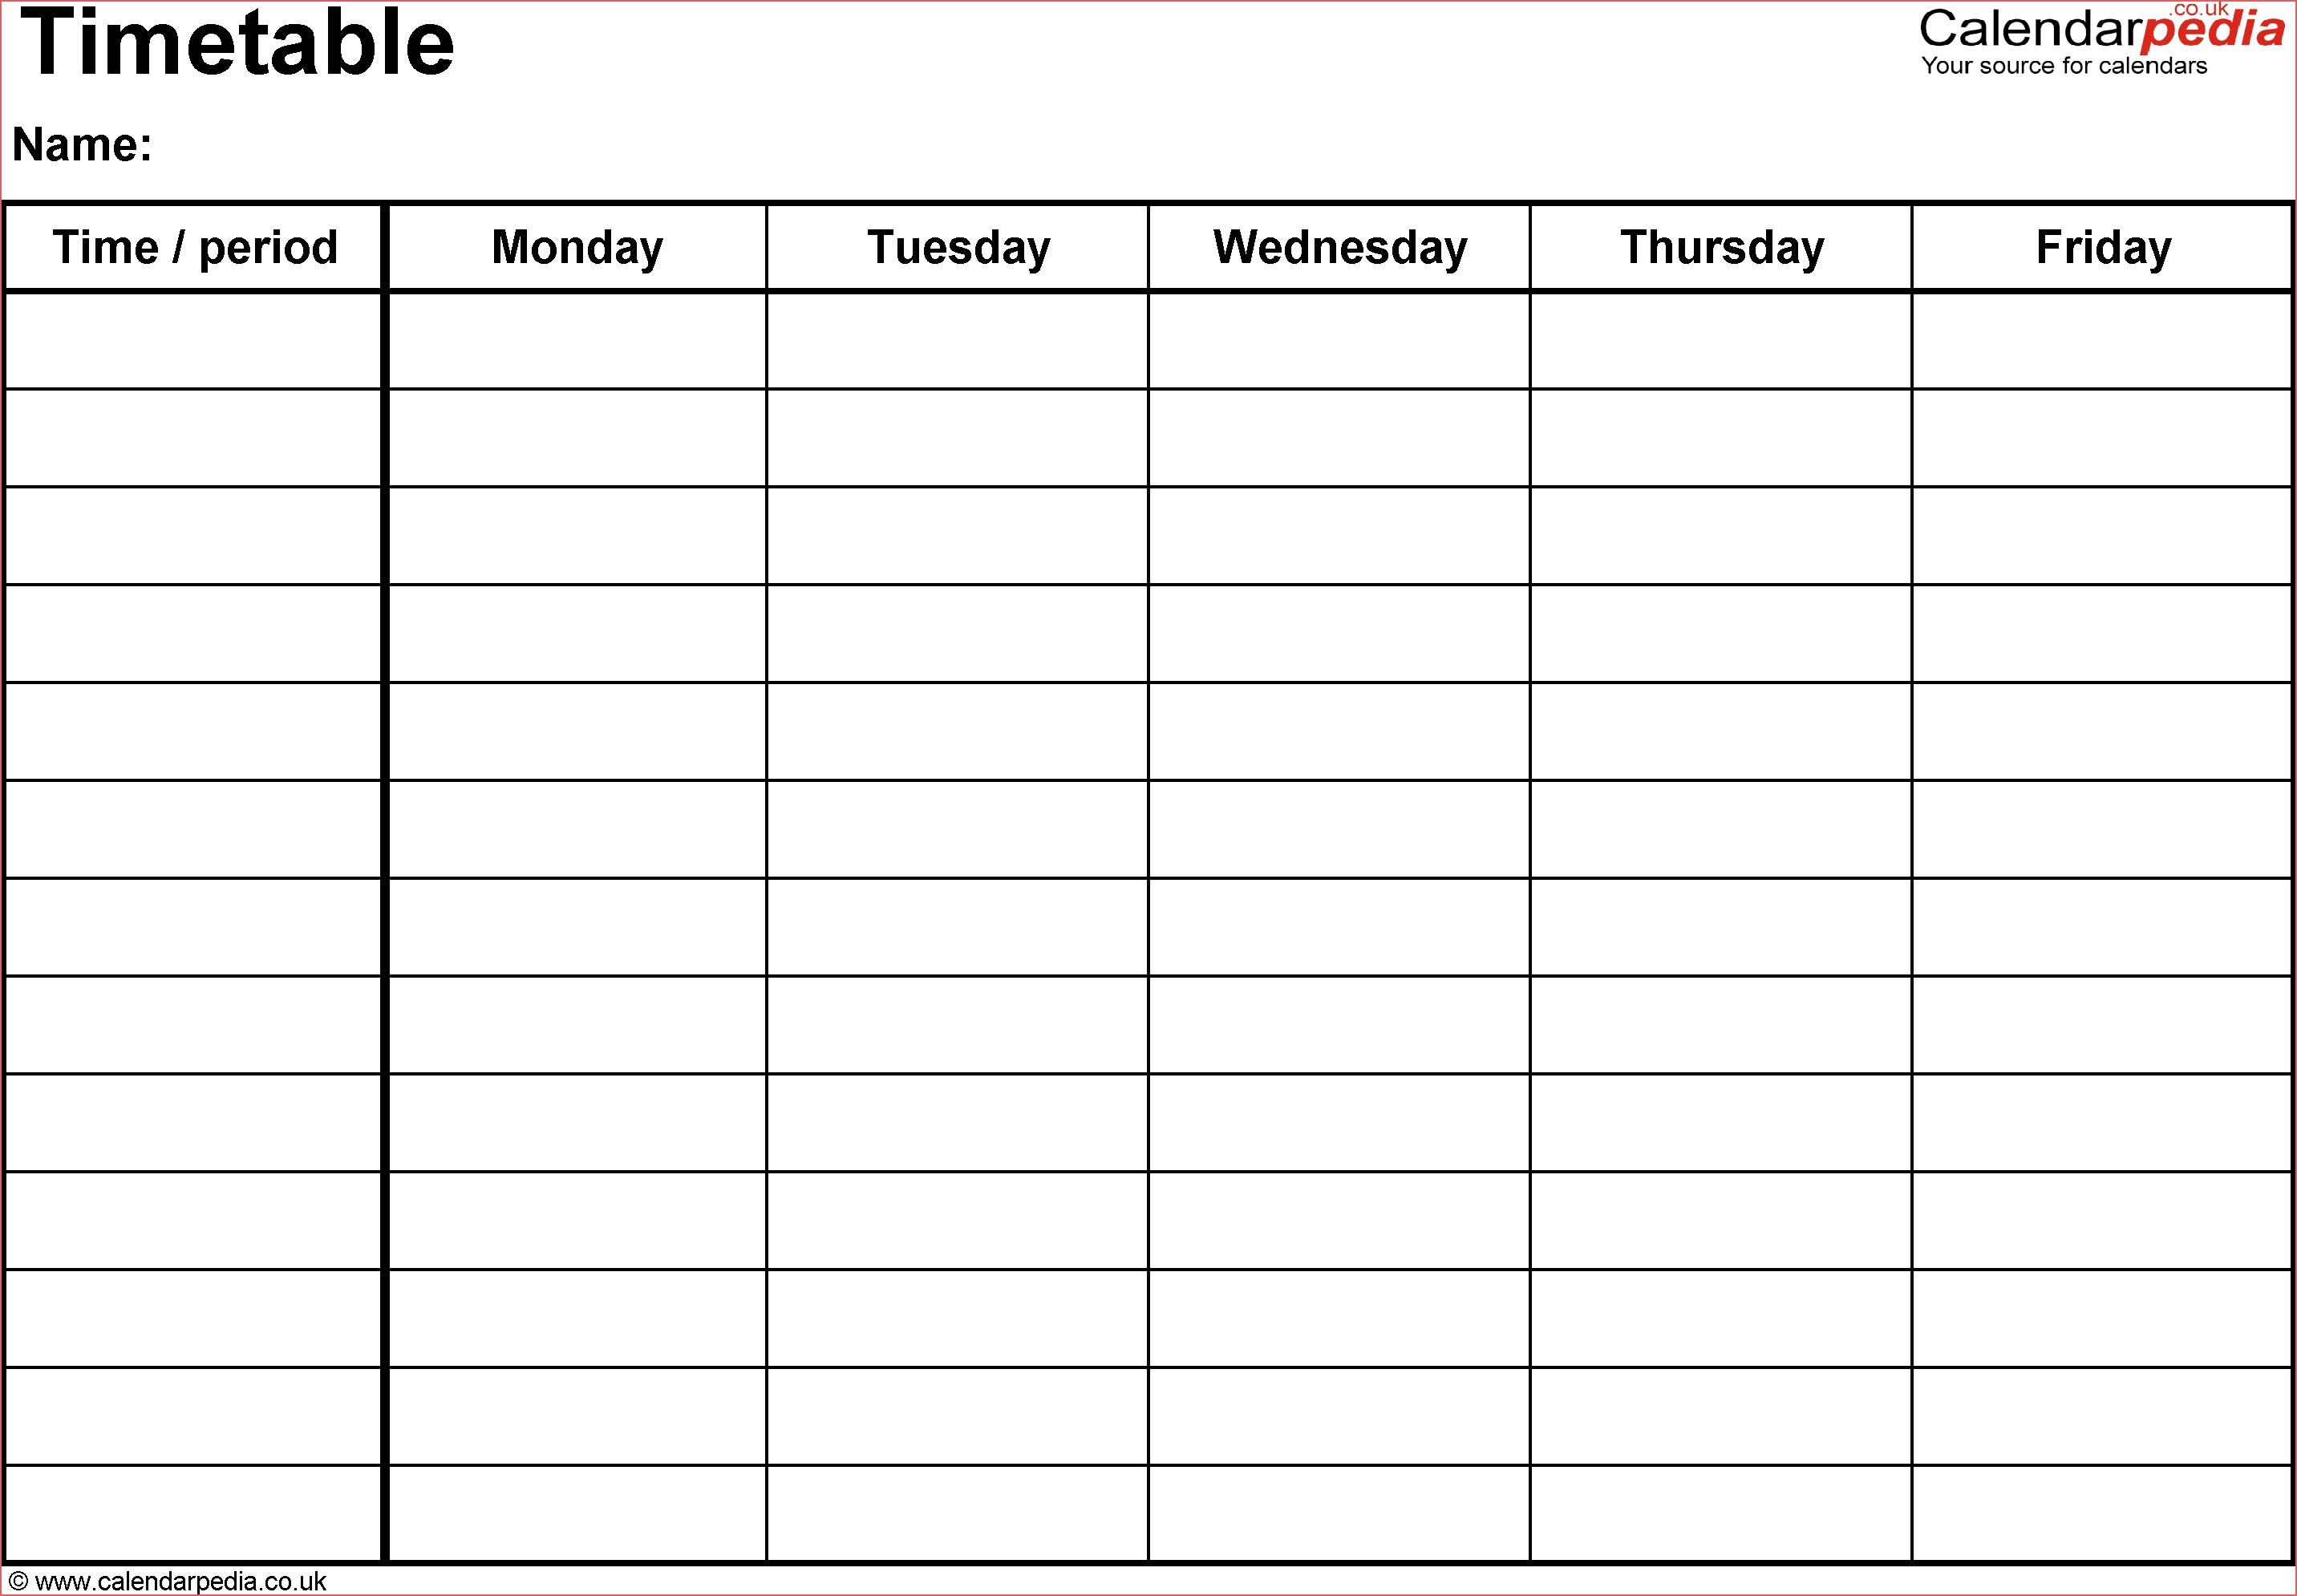 Free 5 Day Calendar Template Online Calendar Templates Printable 5 for Blank Calendar Printable 5 Day